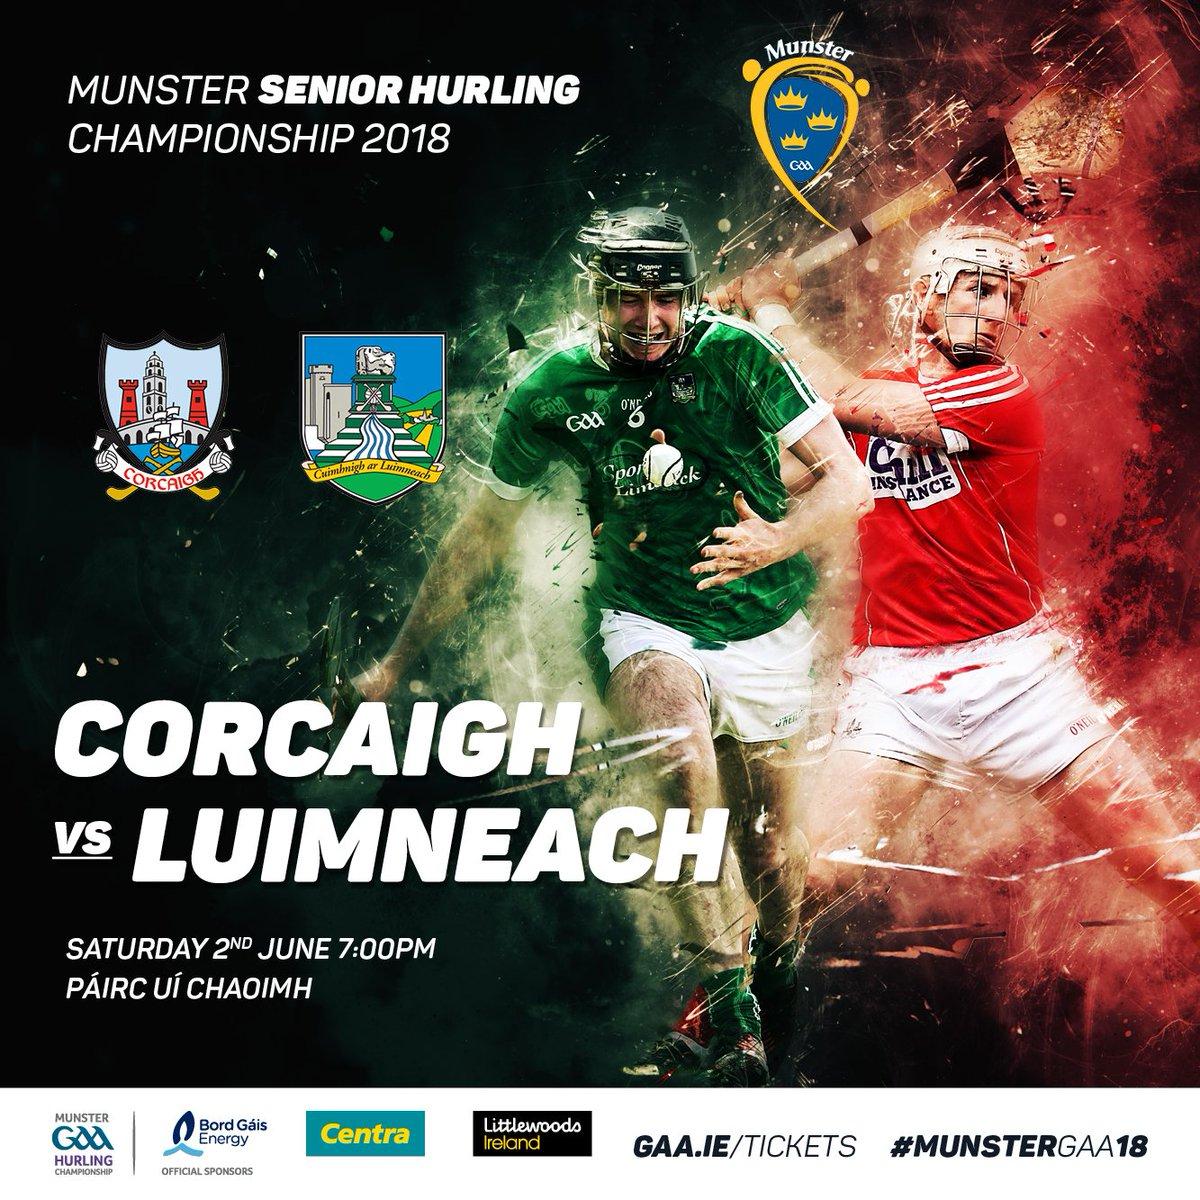 Munster GAA on Twitter: